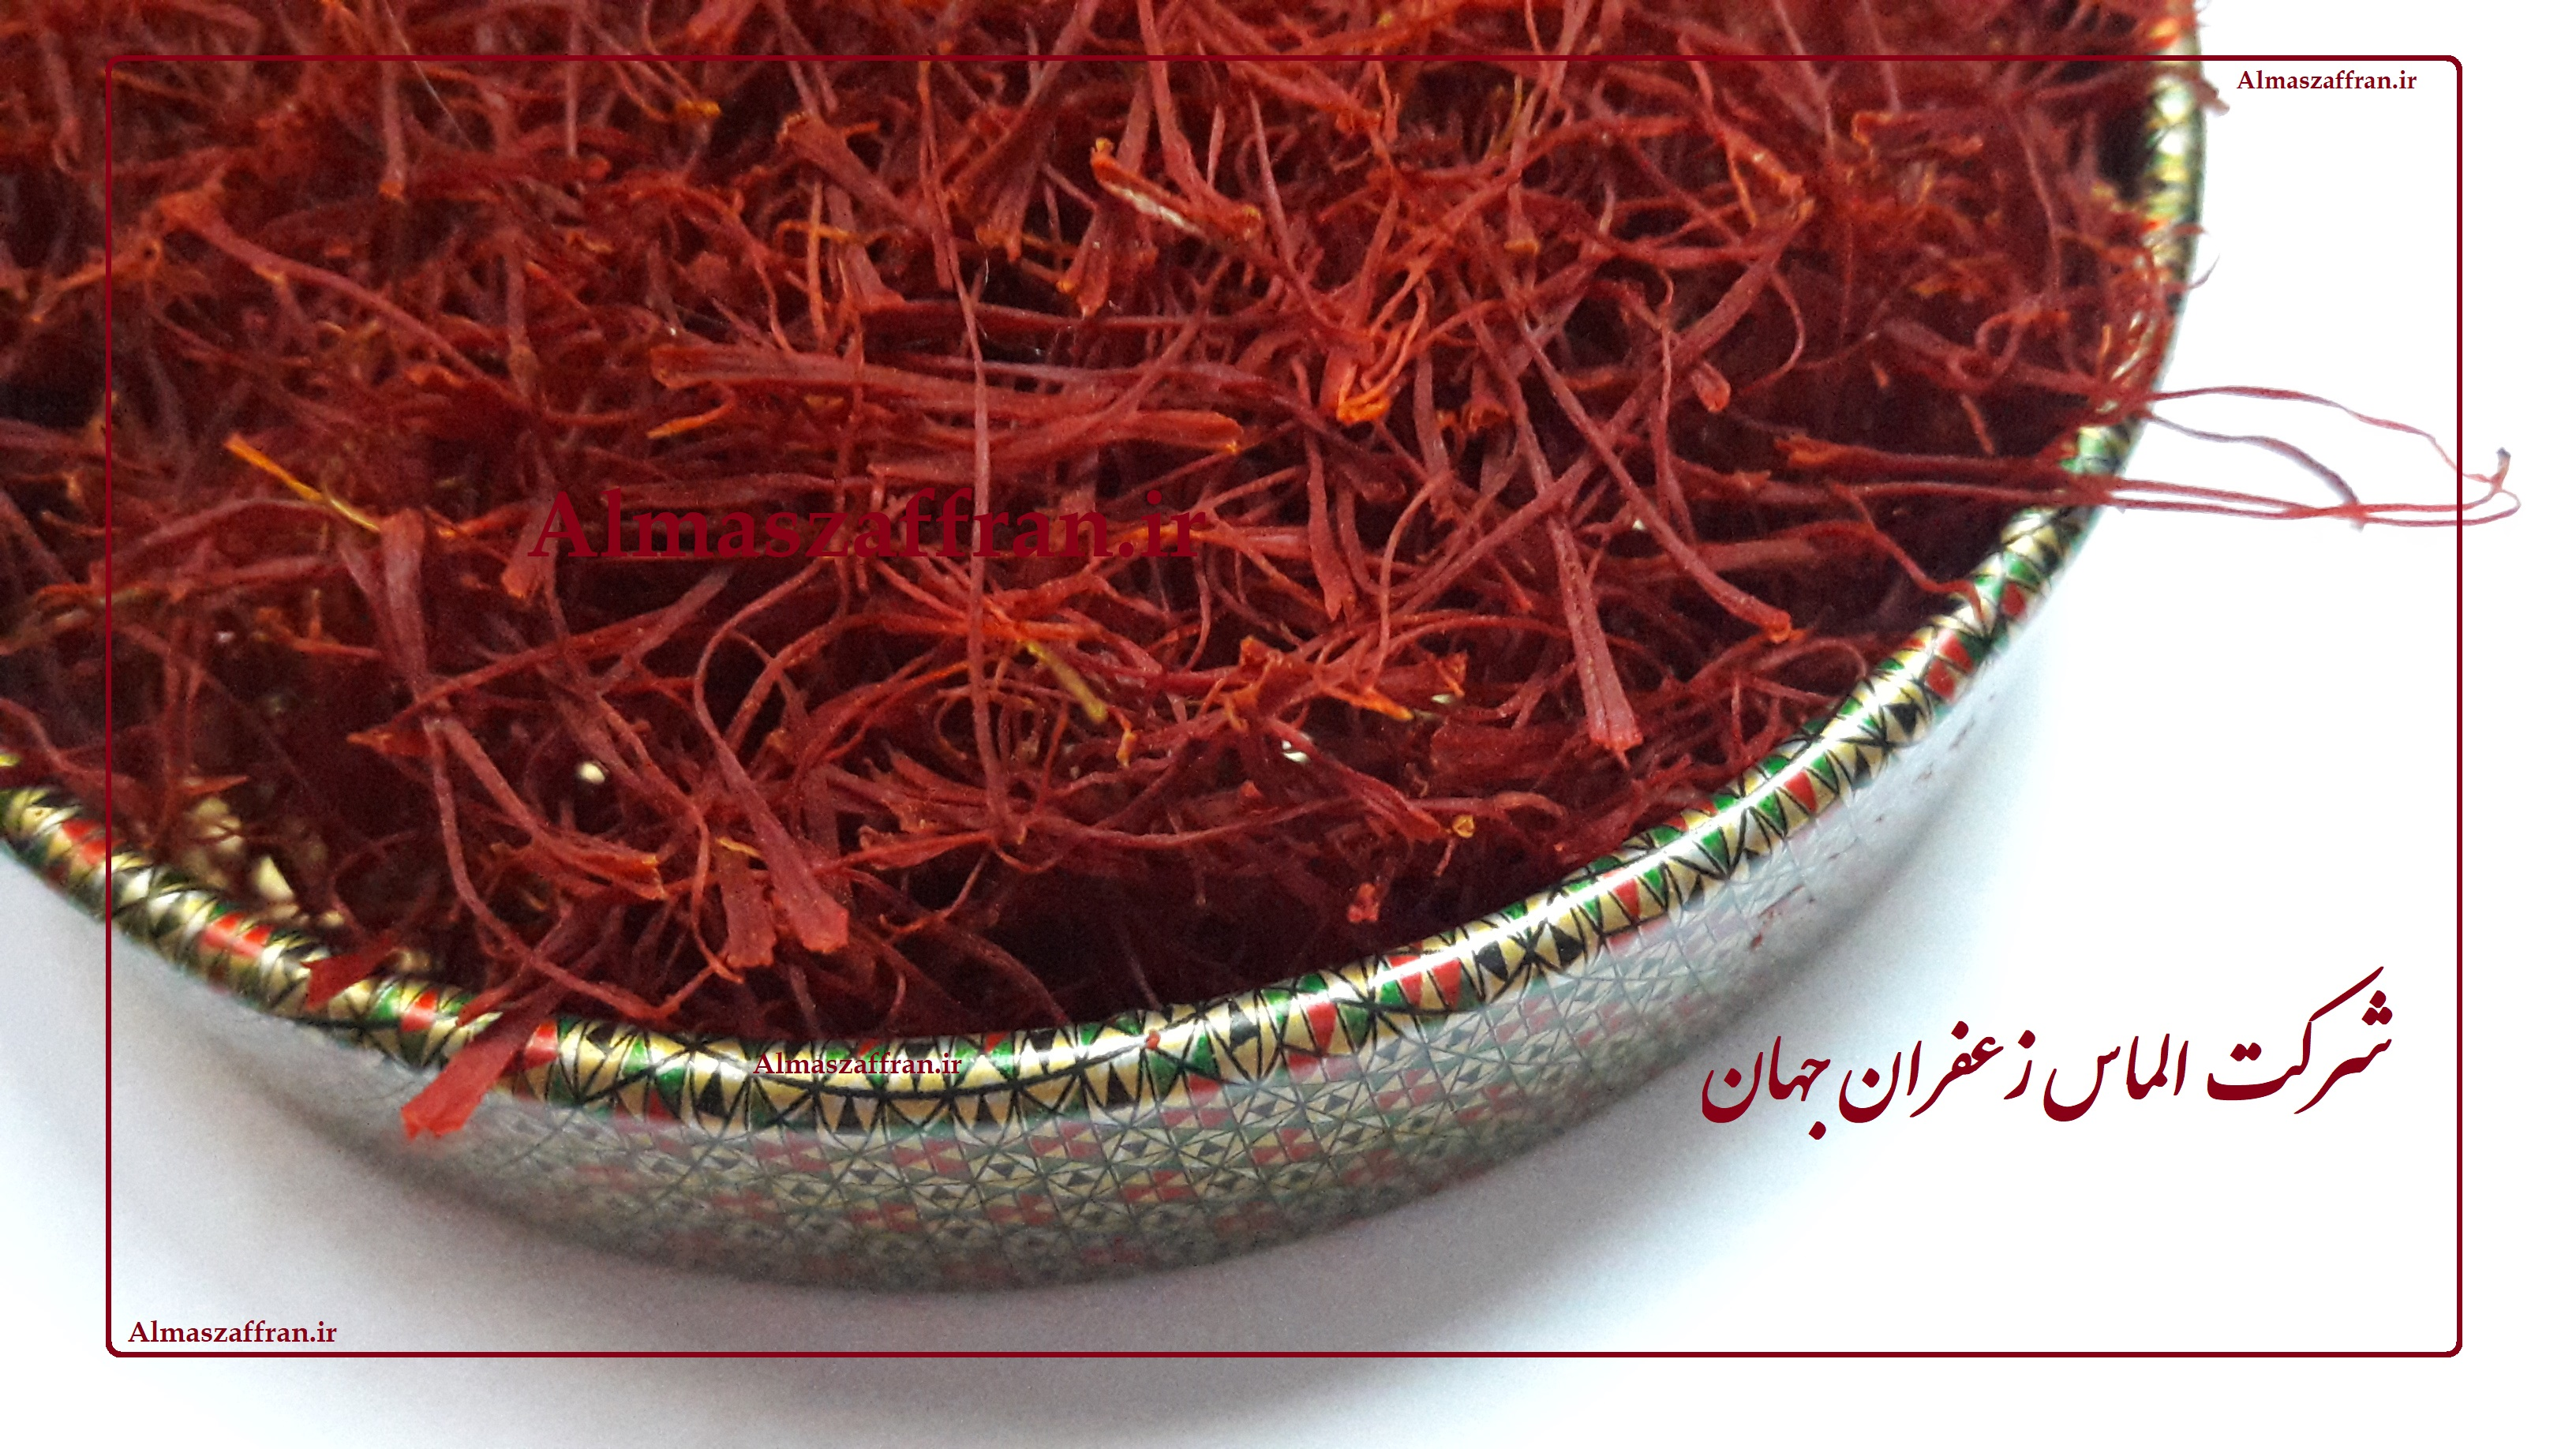 قیمت هر کیلو زعفران - Saffron price